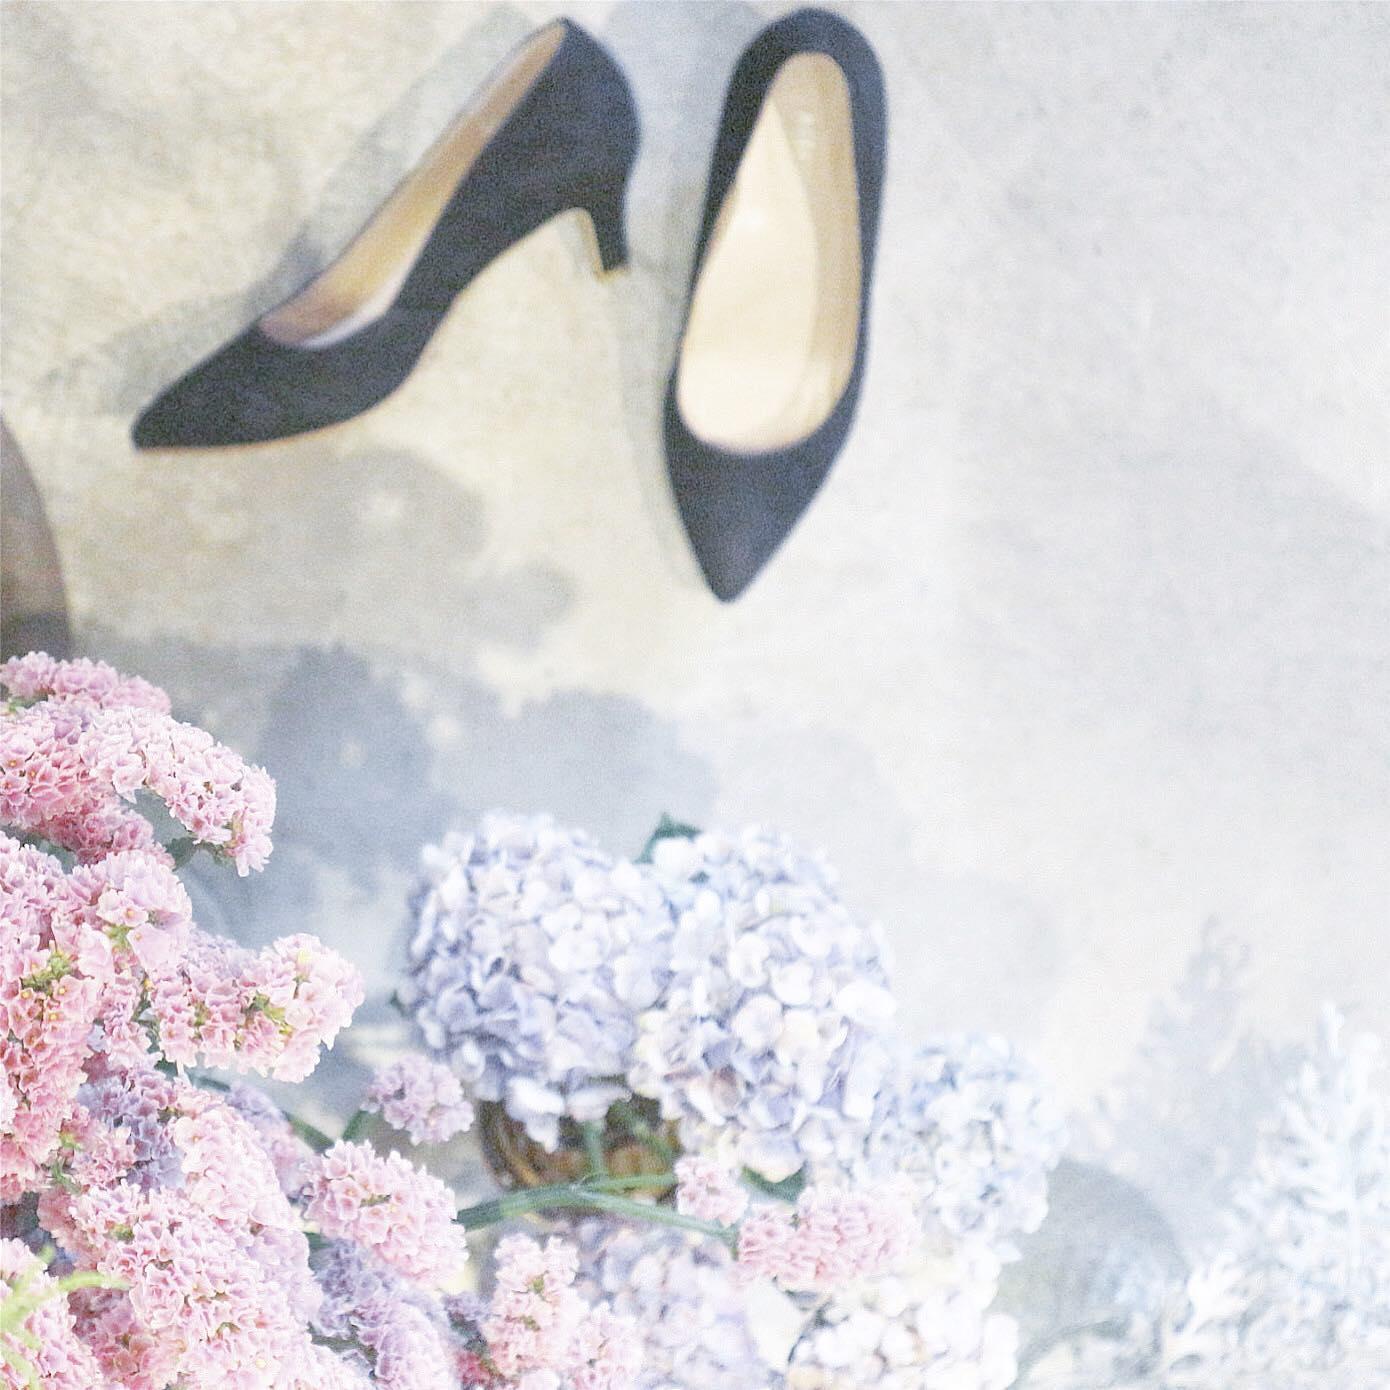 口コミ投稿:雨が続くので、お部屋の彩りを買いに行きました💐✨やっぱり、お花は心が晴れますね☺️🌸…